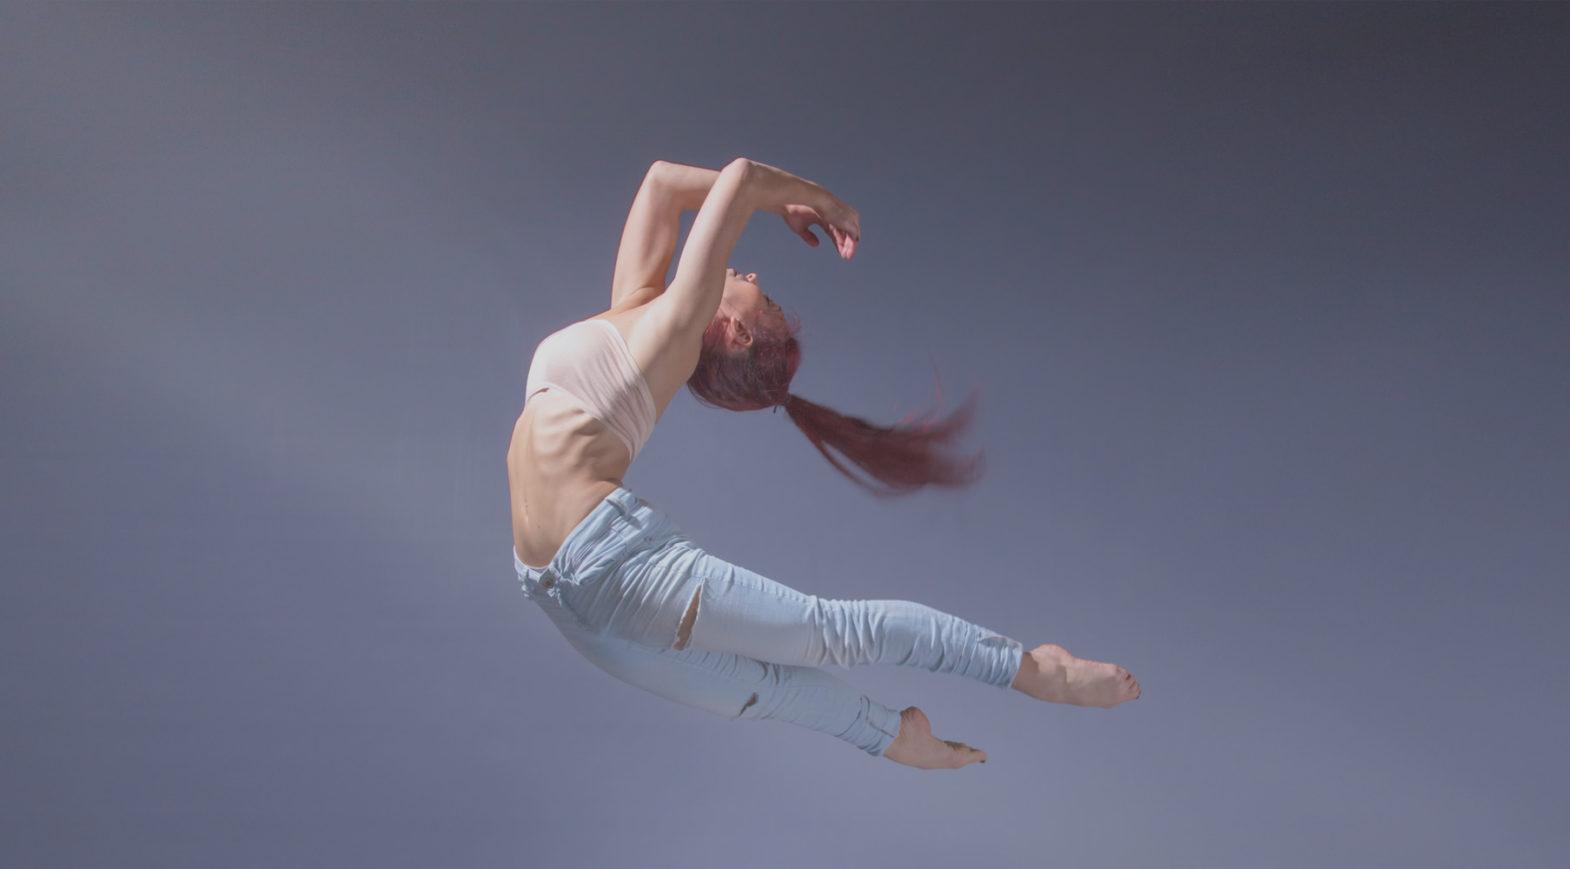 Ecole de danse Aubagne - La Maison de Réjane